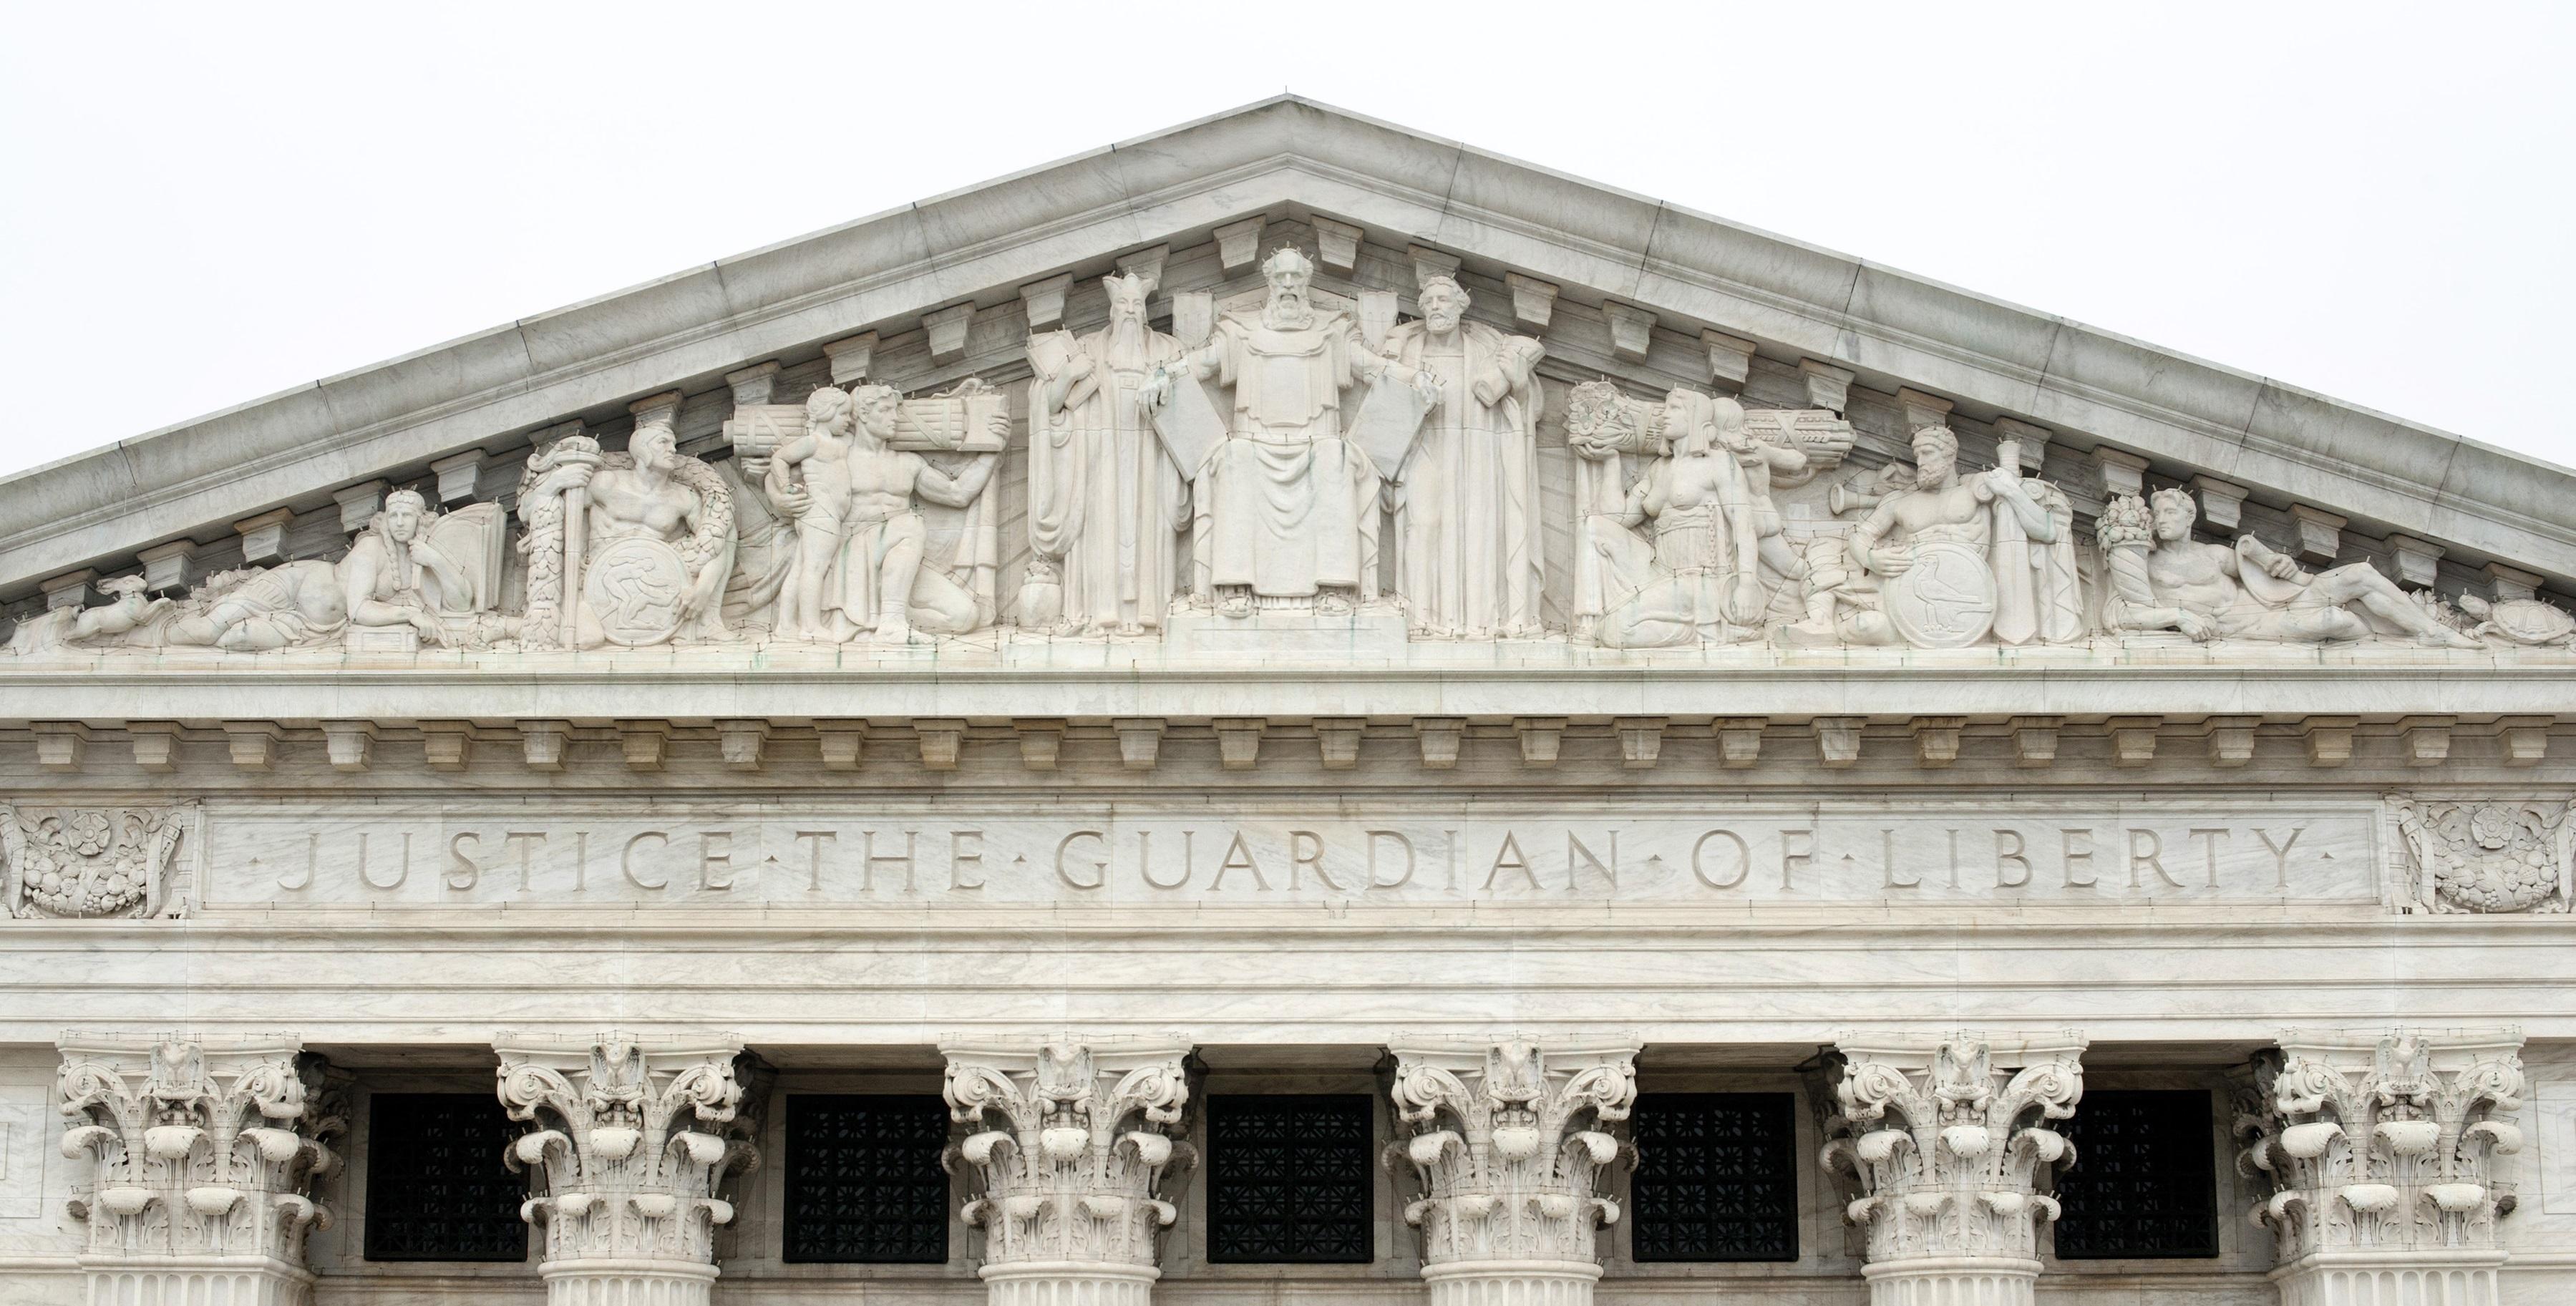 上图:华盛顿特区美国最高法院大楼东门上方的浮雕,中间是拿着两块十诫石版的摩西,左边是孔子,右边是梭伦。